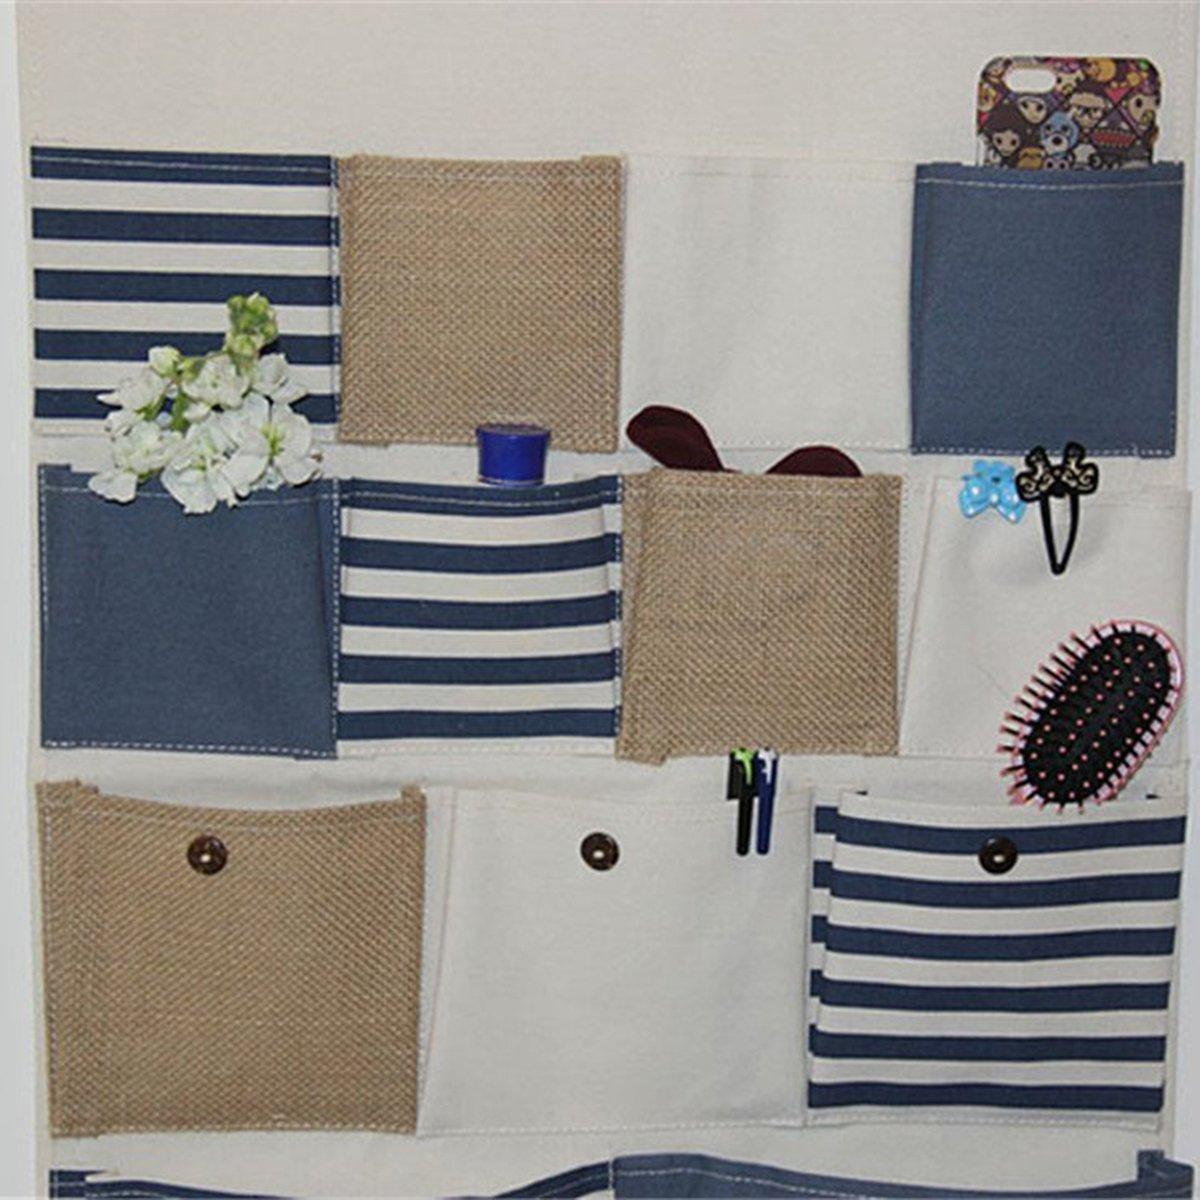 WINOMO Compartimiento de almacenamiento bolsillos pared puerta armario colgante organizador de bolsa de almacenamiento-talla L